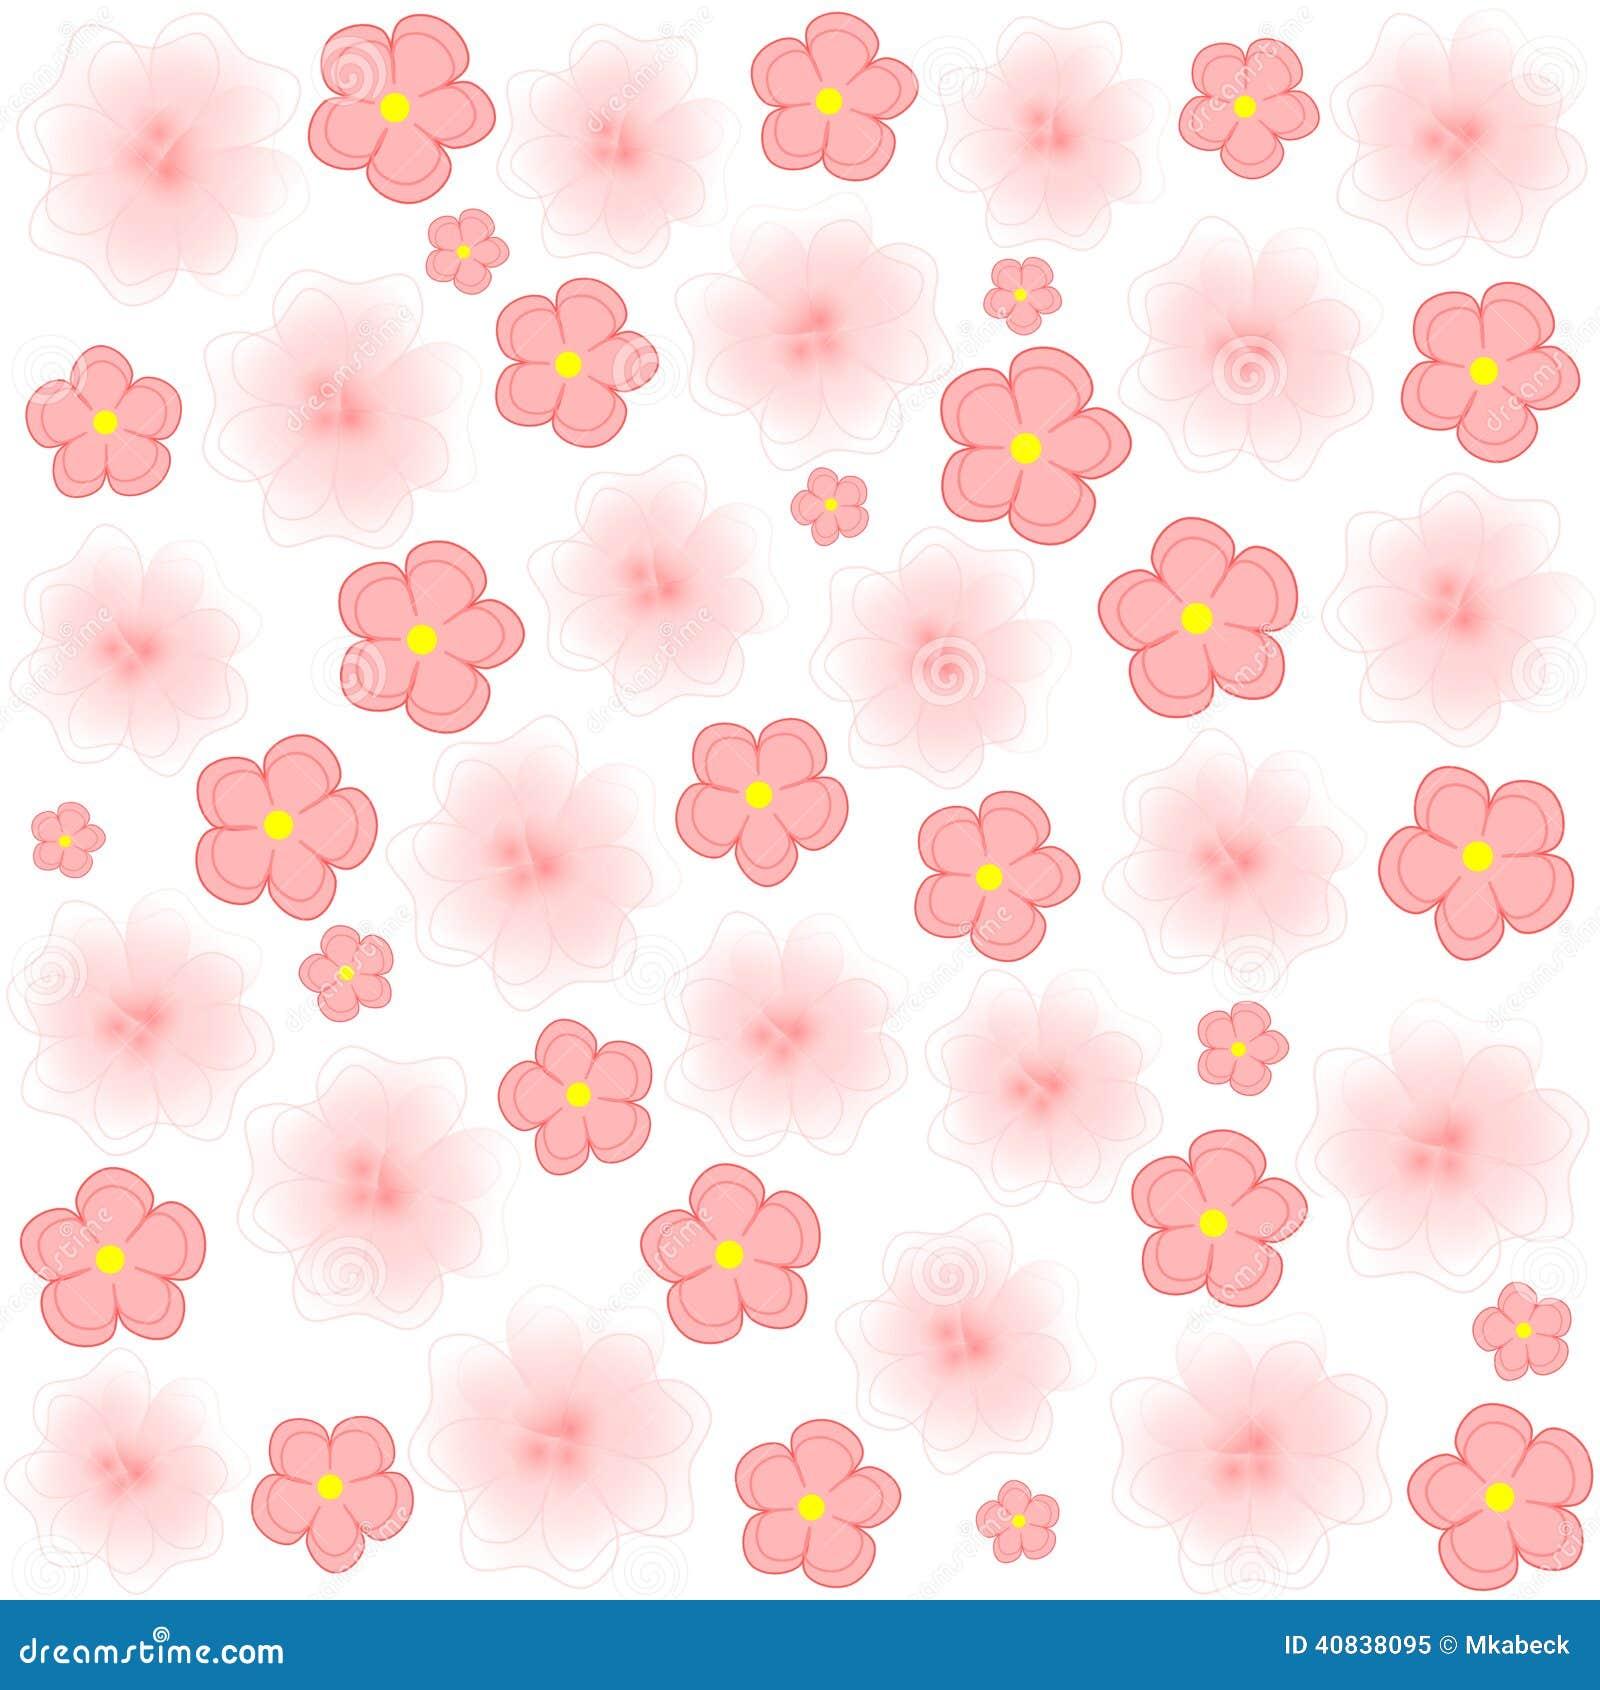 Cartel Girasoles Sobre Fondo Blanco Flores Fondo Para Escribir Texto